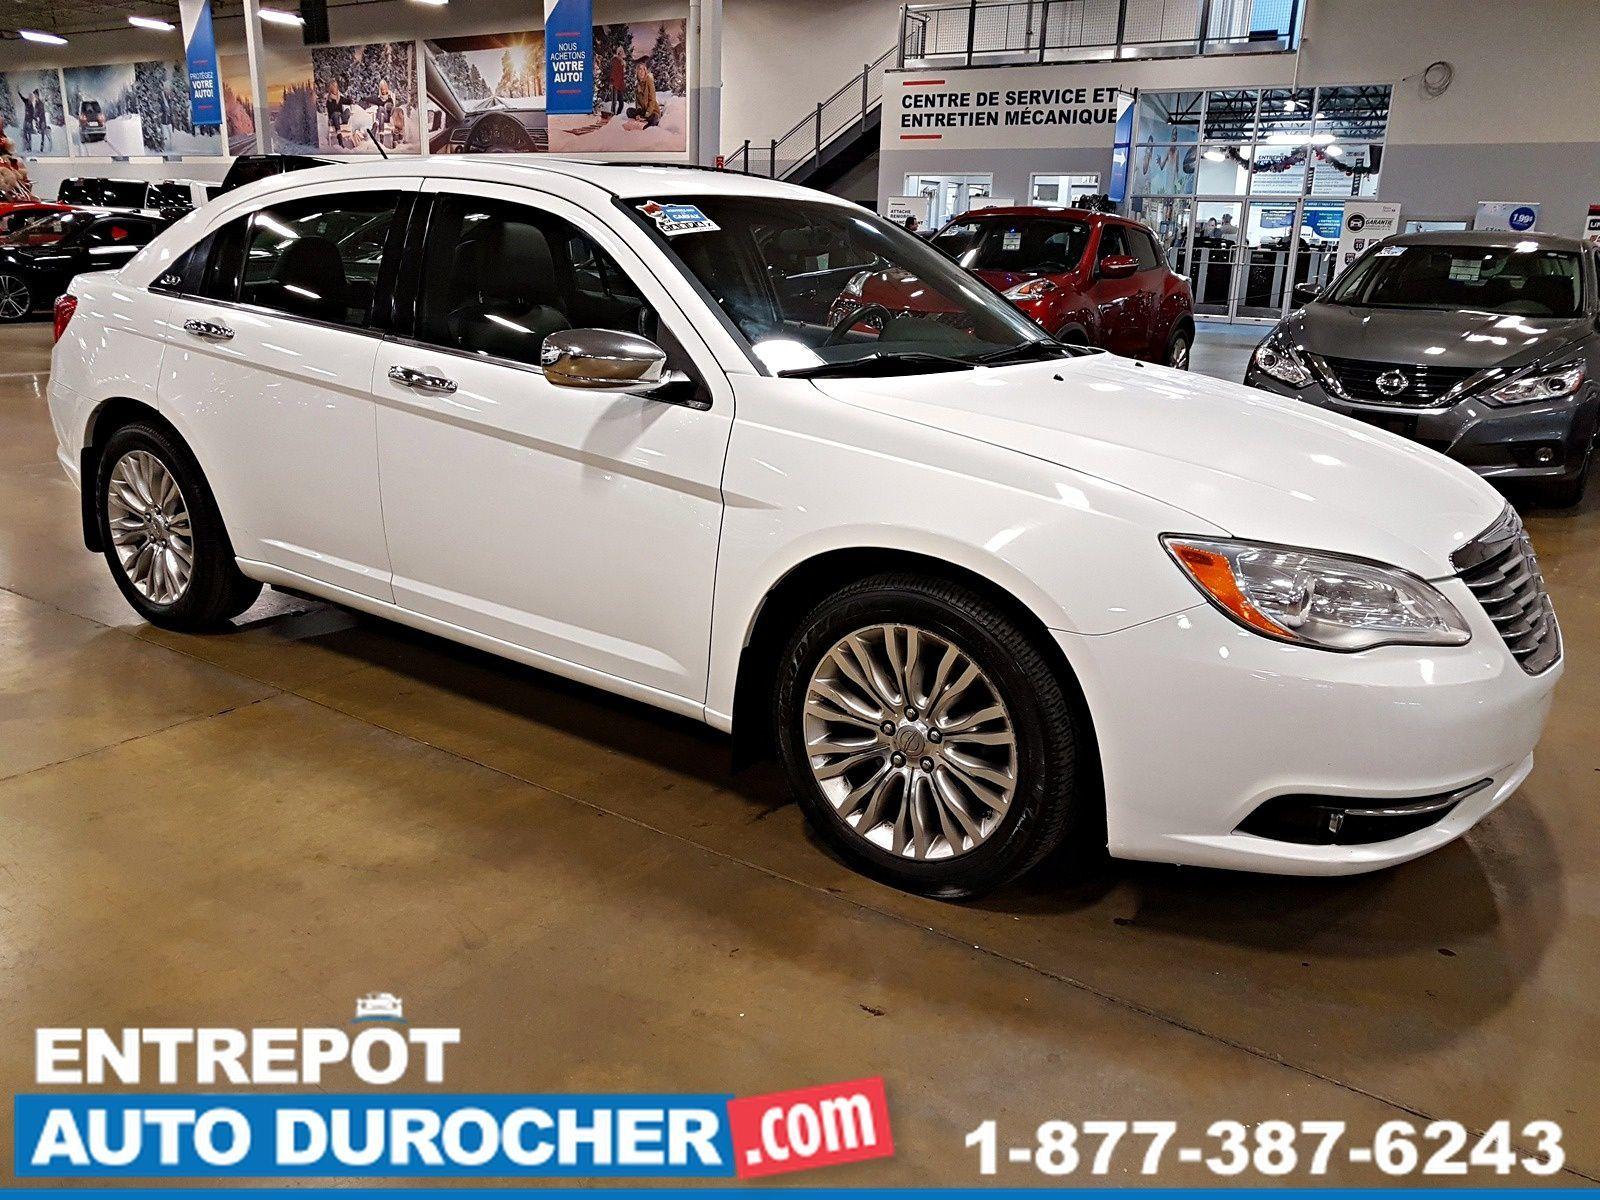 2013 Chrysler 200 Limited - Automatique - NAVIGATION - TOIT OUVRANT - CUIR - A/C